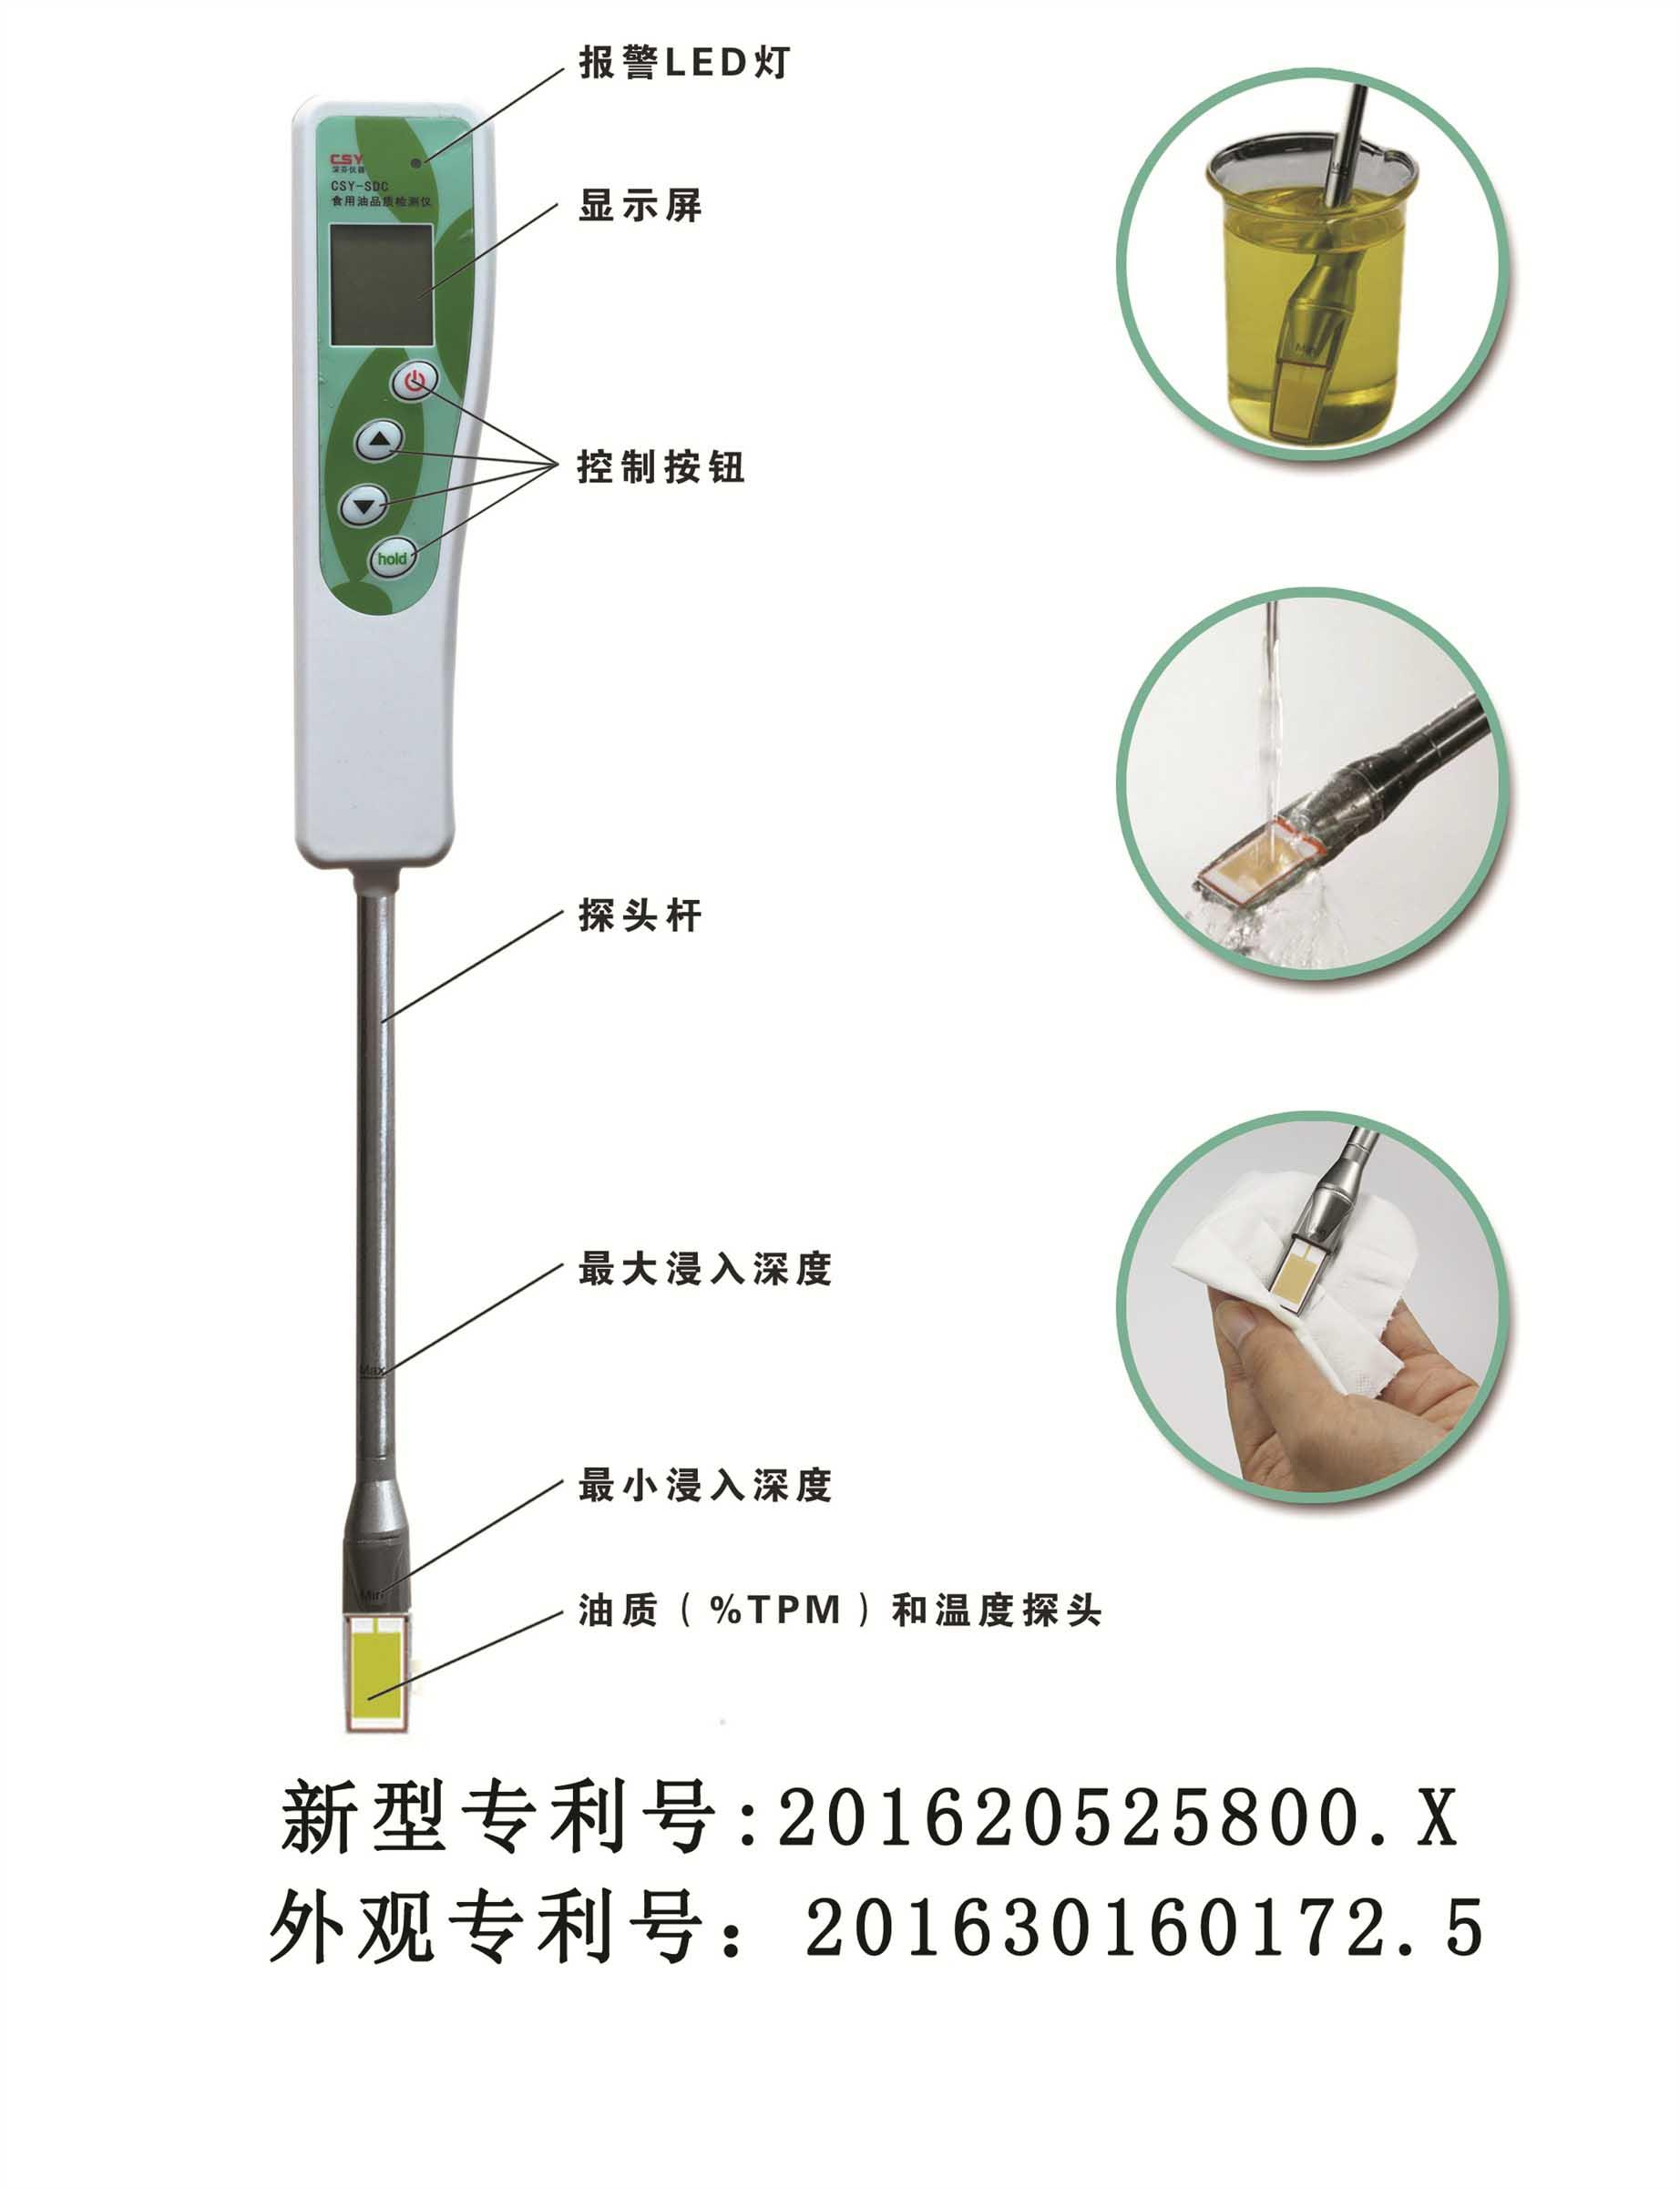 食用油配置检测仪